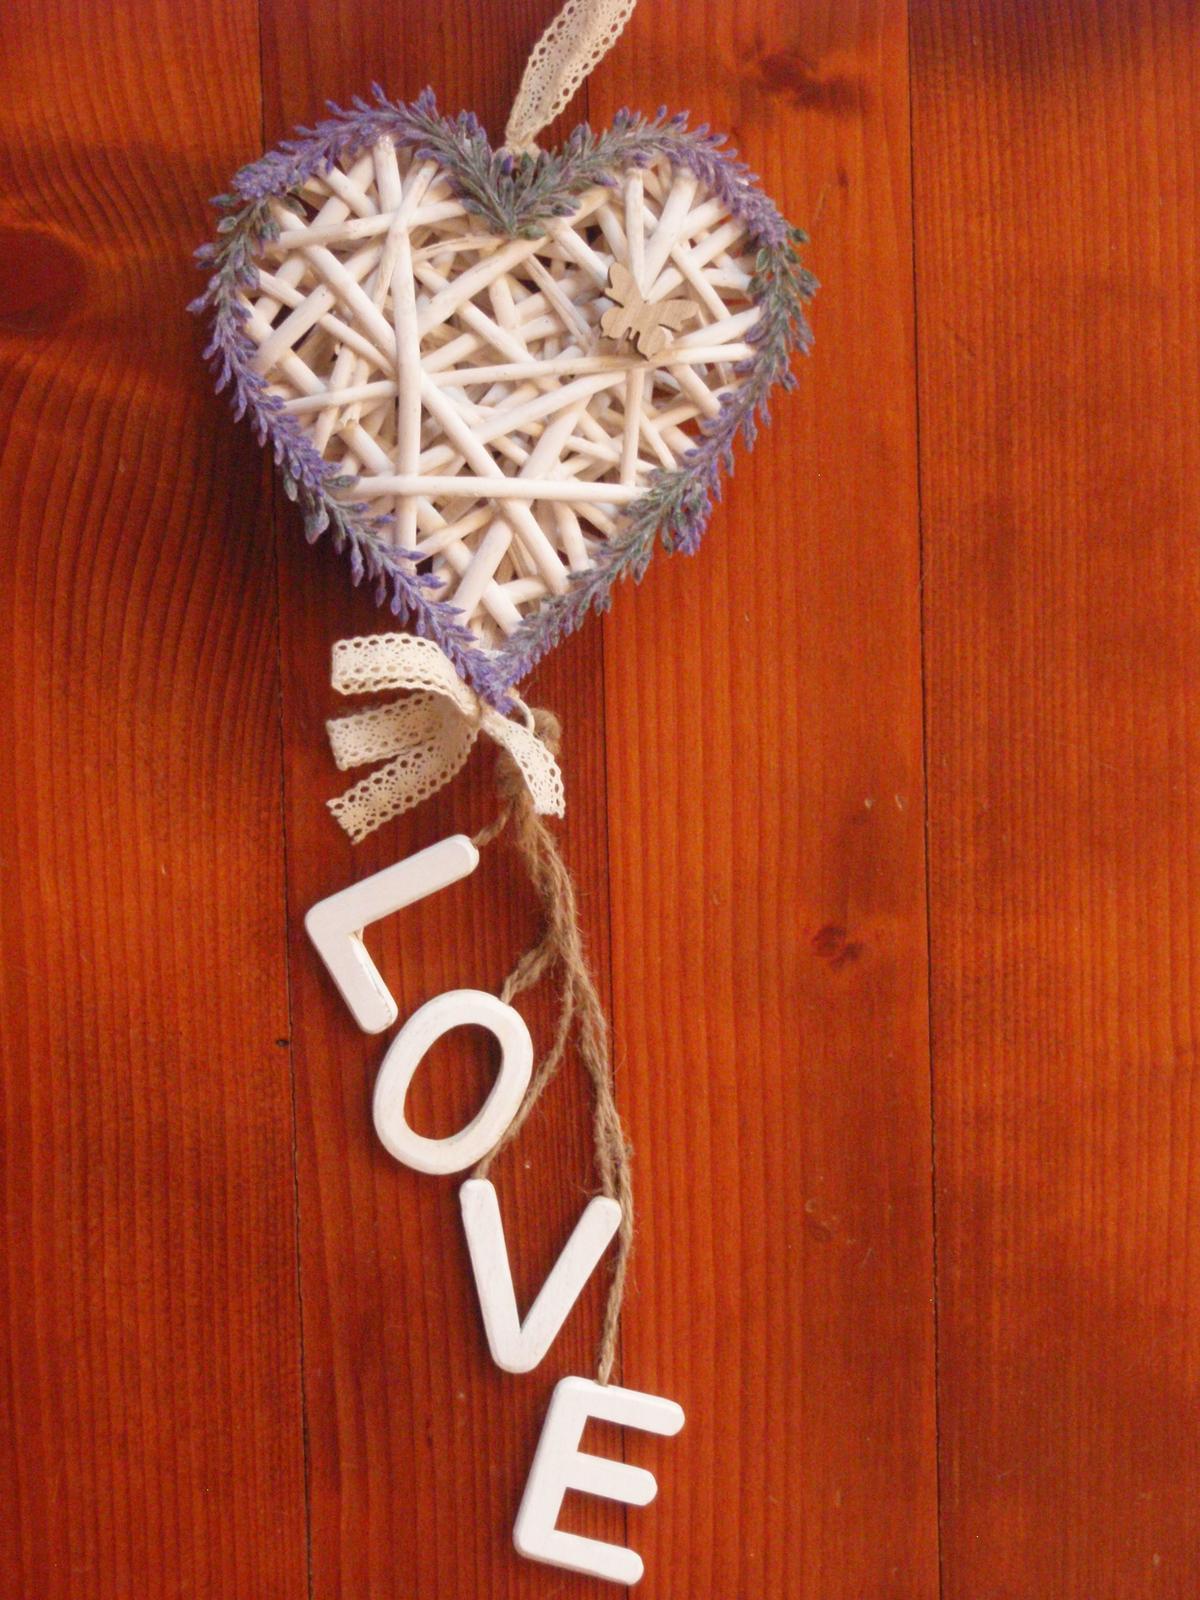 235. Levanduľové srdce s LOVE - Obrázok č. 1